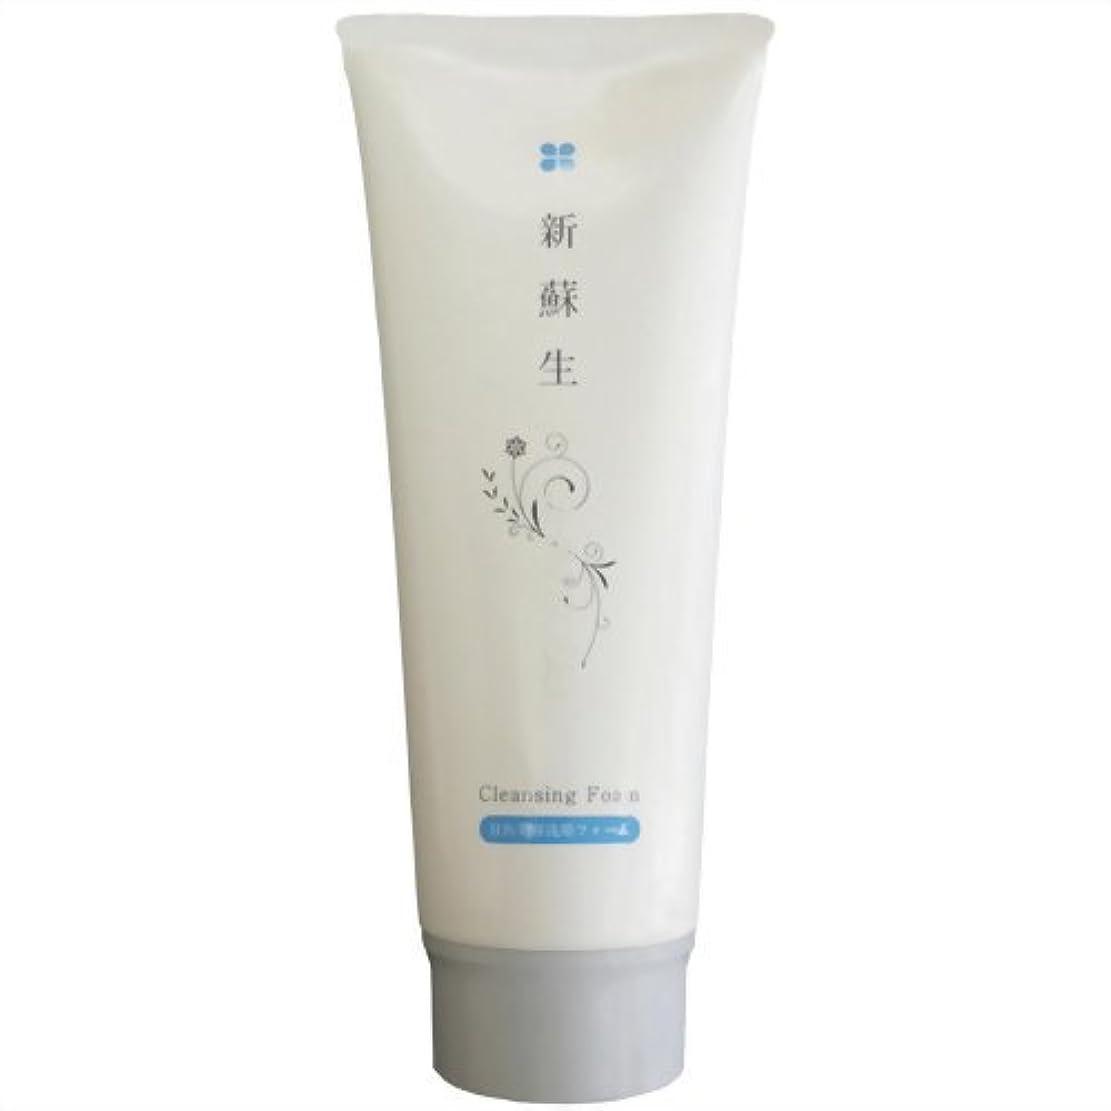 ヘビ定期的な正確さ新蘇生 日医美容洗顔フォーム 120g